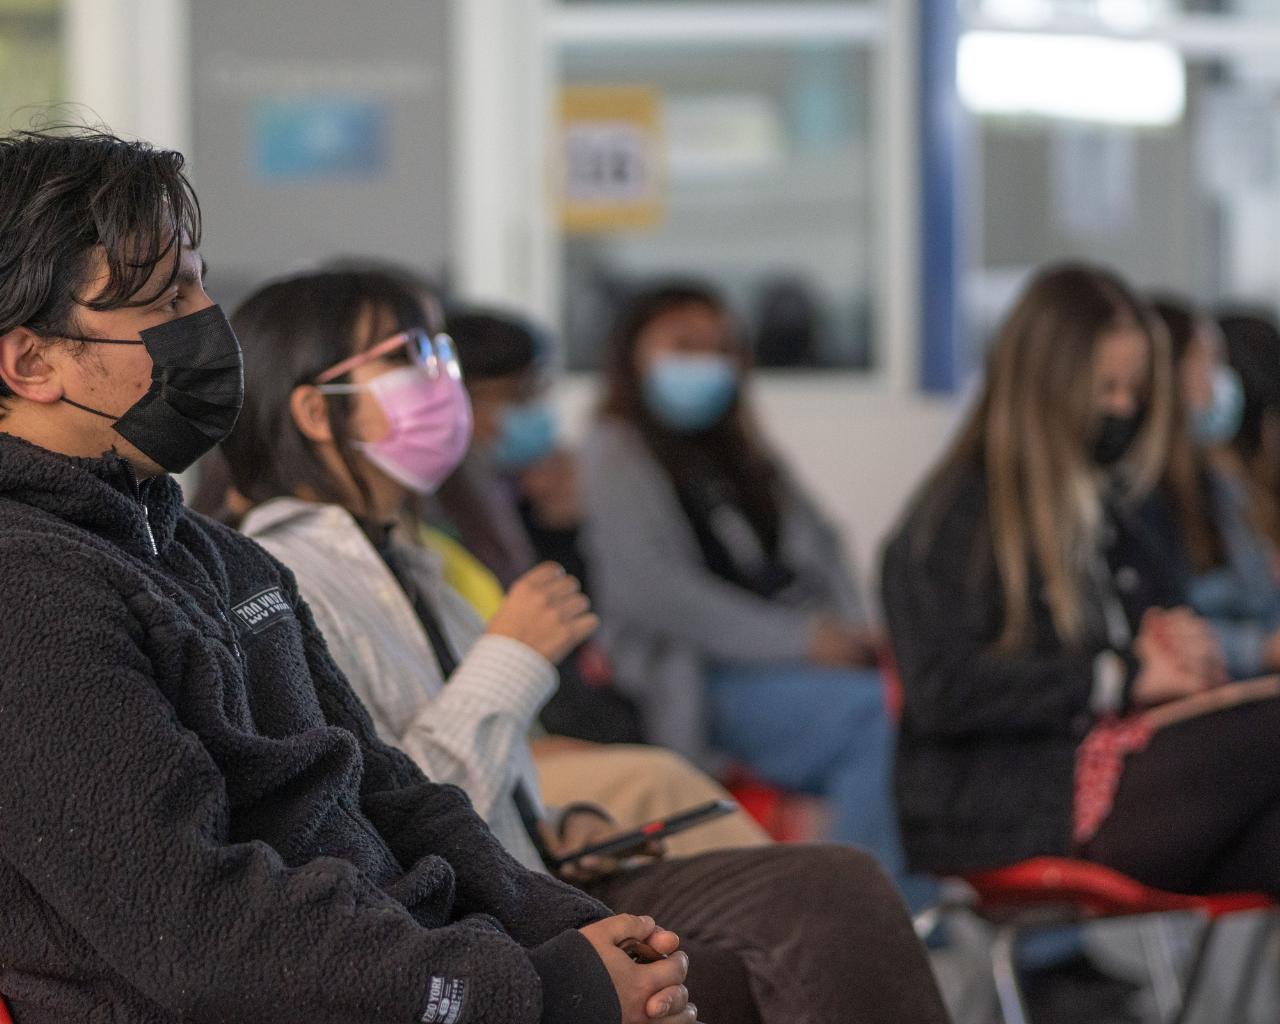 Universidad de Talca: retorno progresivo y gradual a las actividades académicas presenciales